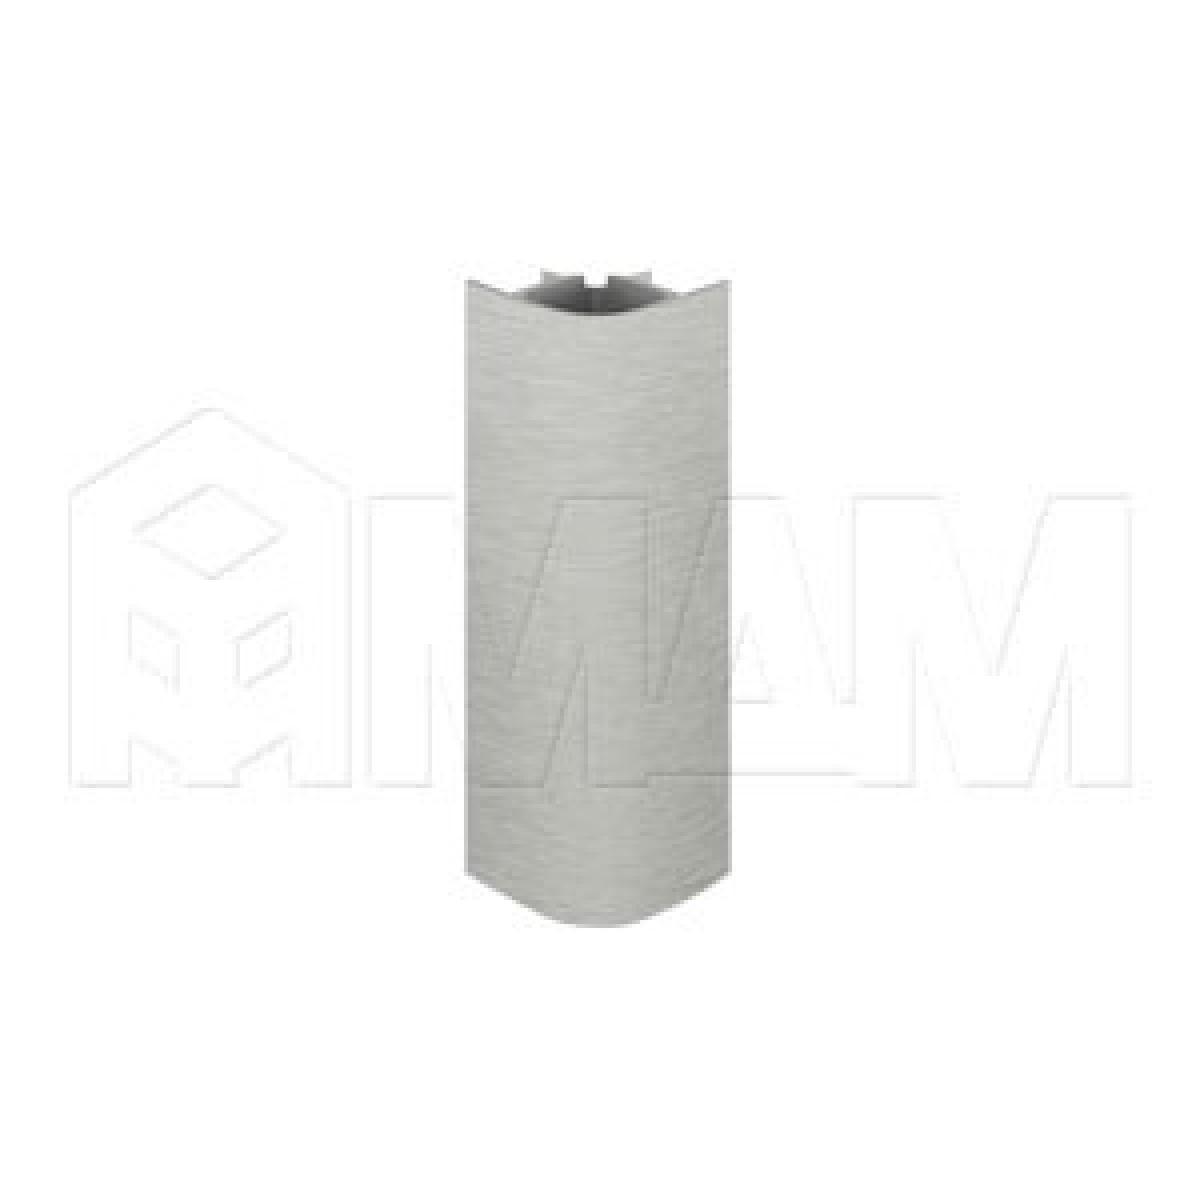 Цоколи пластиковые - Уголок 90 градусов (высота 150), нержавеющая сталь